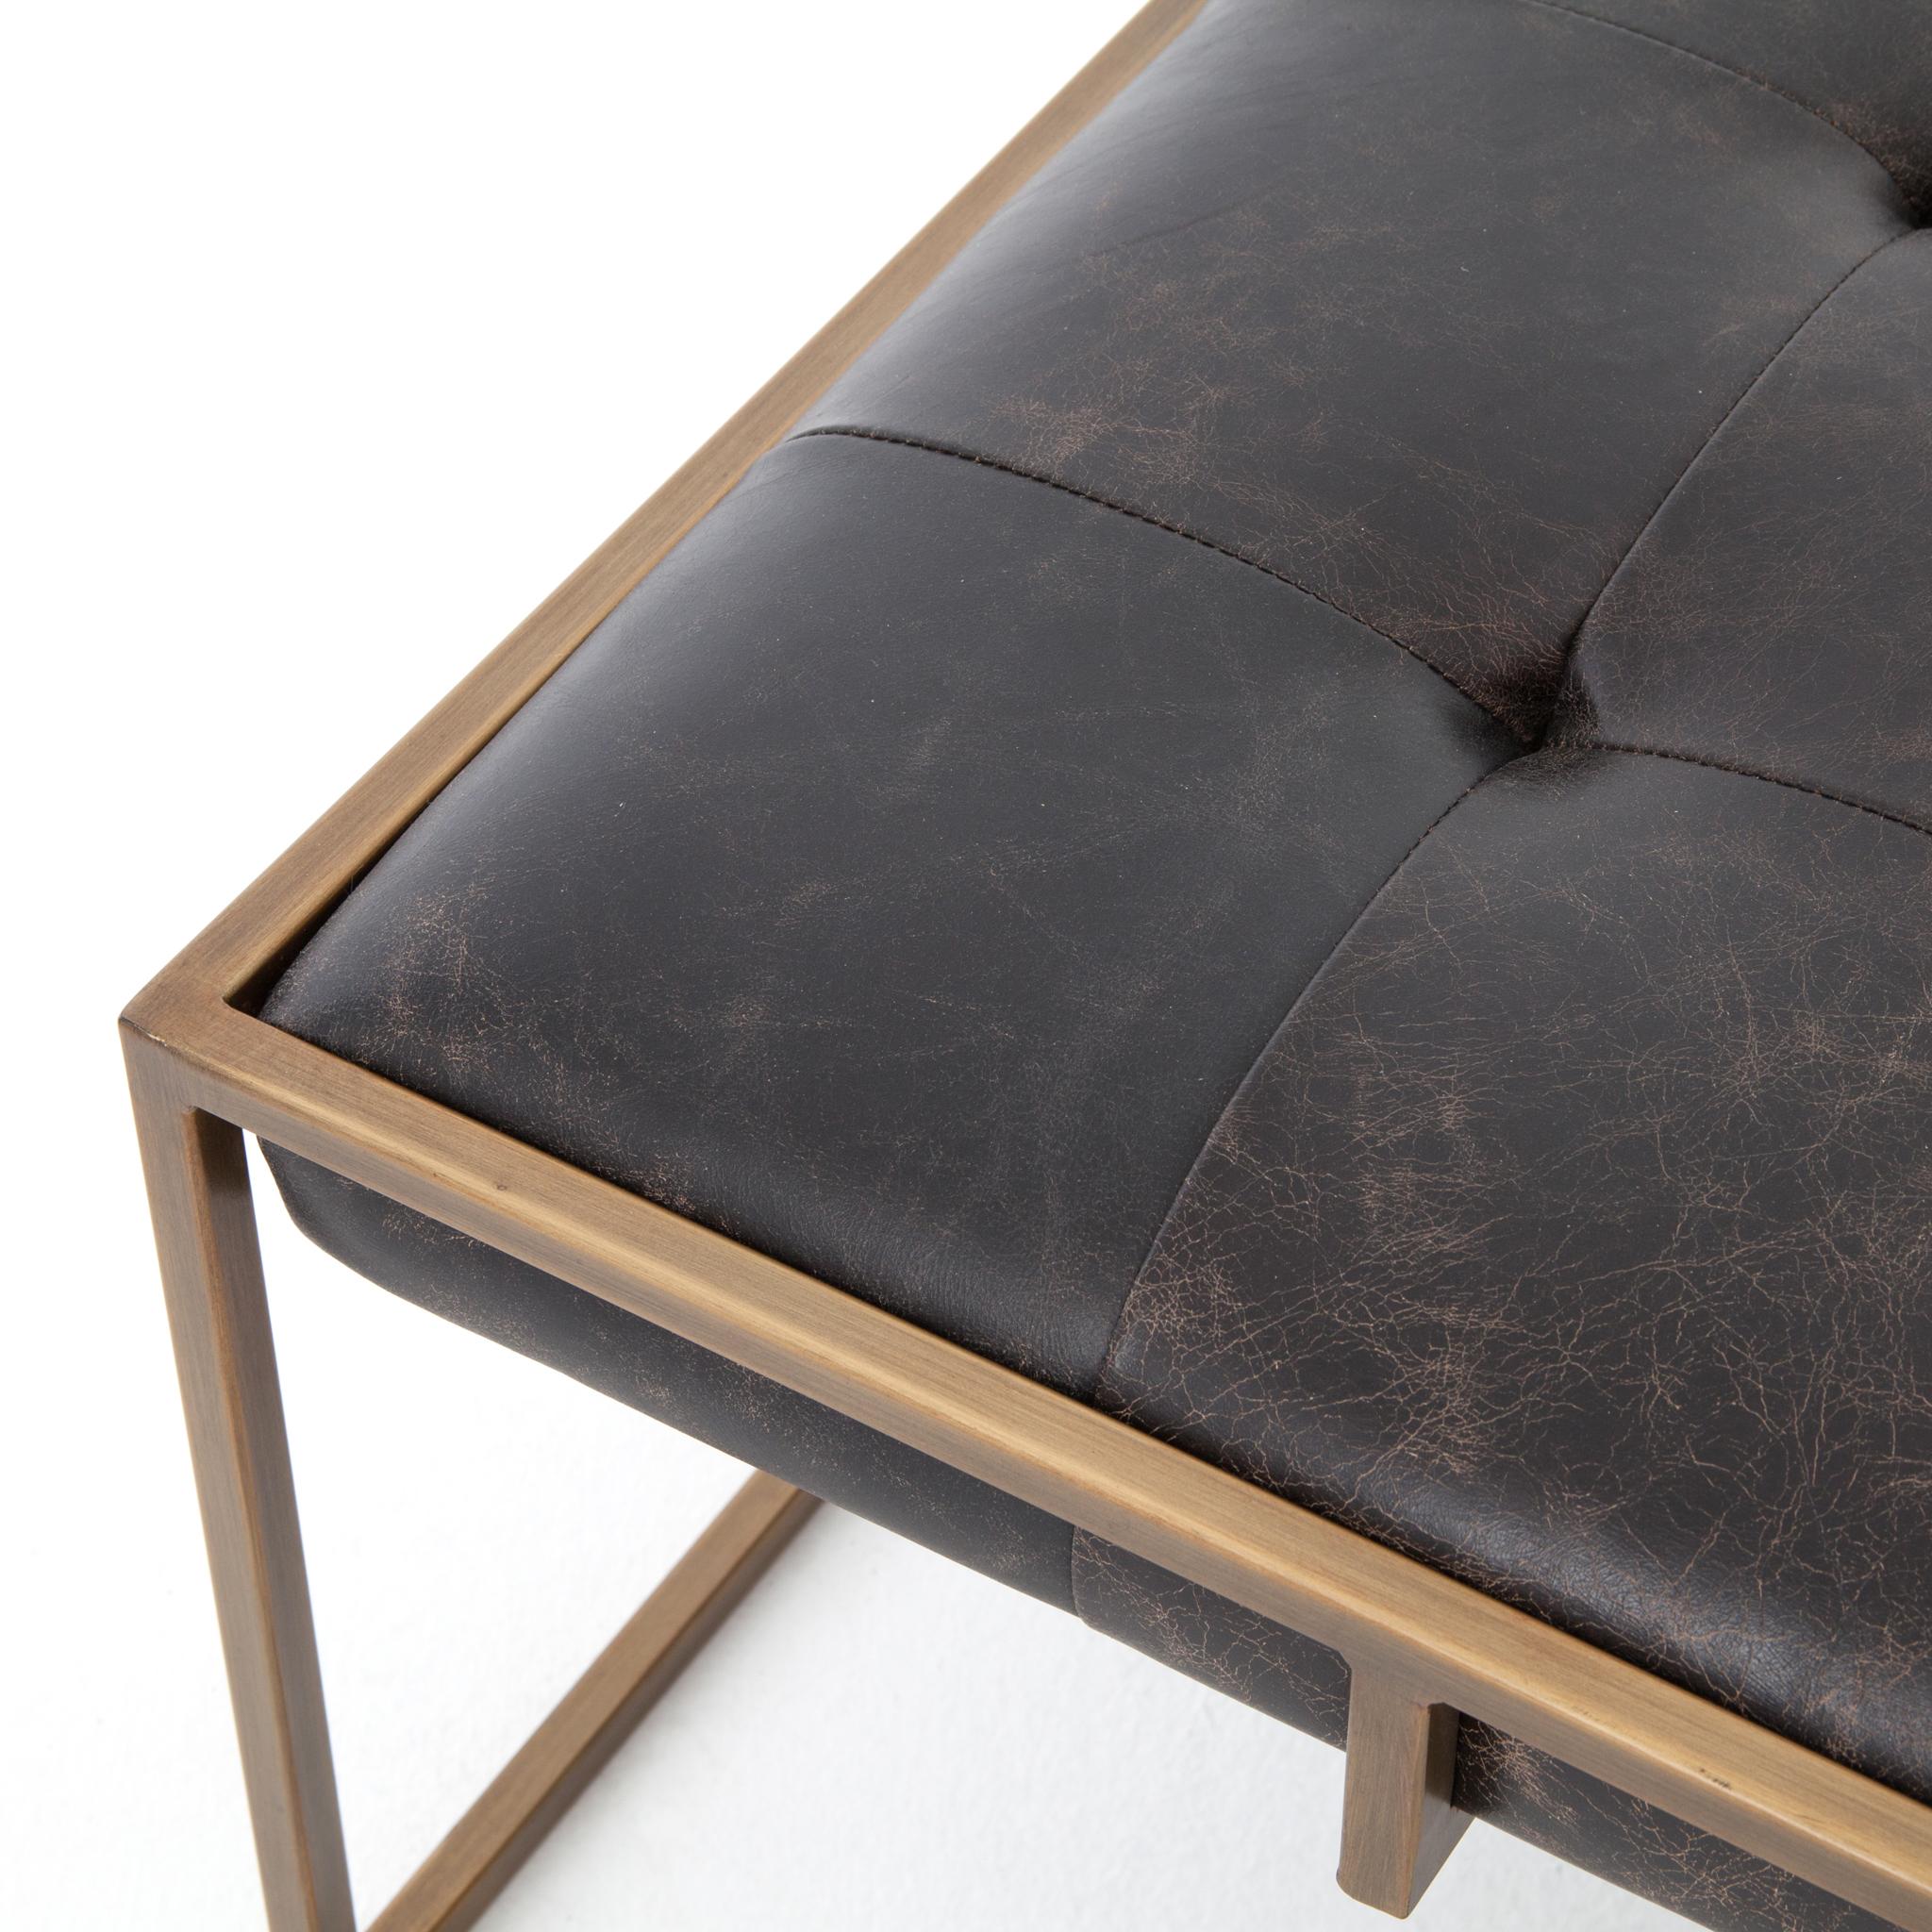 Olwina Square Coffee Table, Railto Ebony